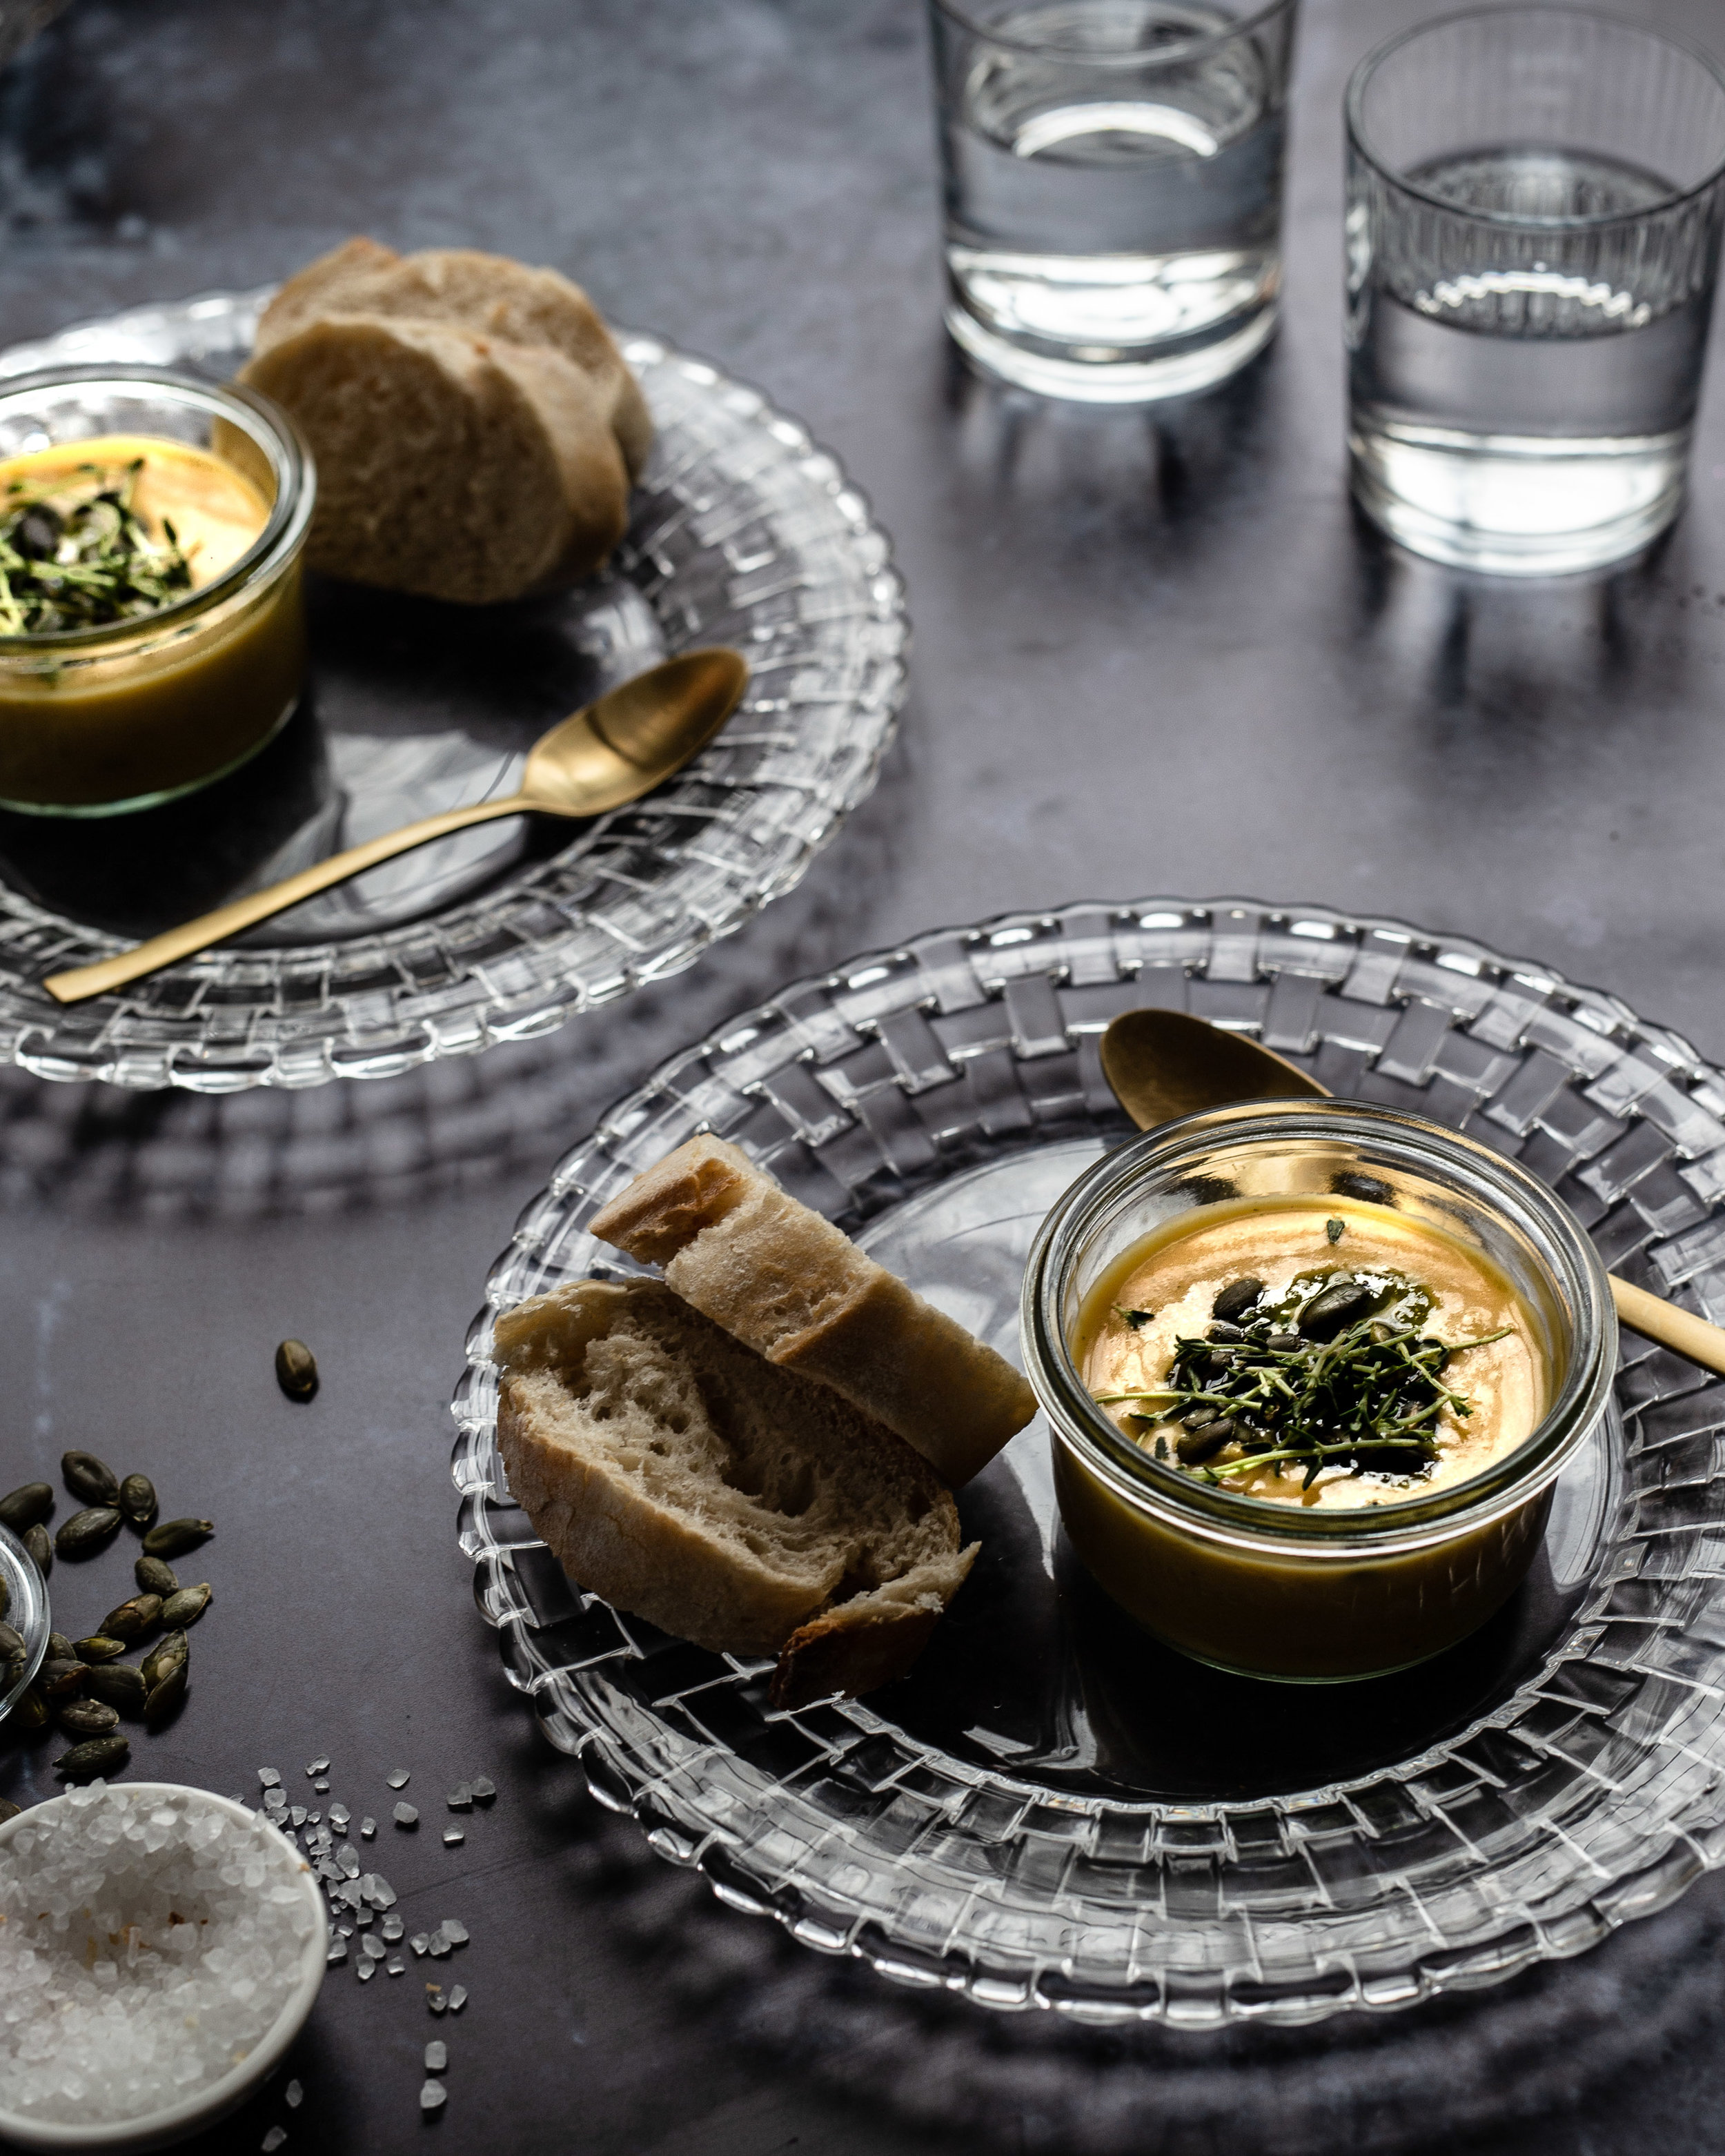 Die Suppe ist ein würdiger Auftakt zu jedem Menü und macht auch als Hauptgericht eine gute Figur.